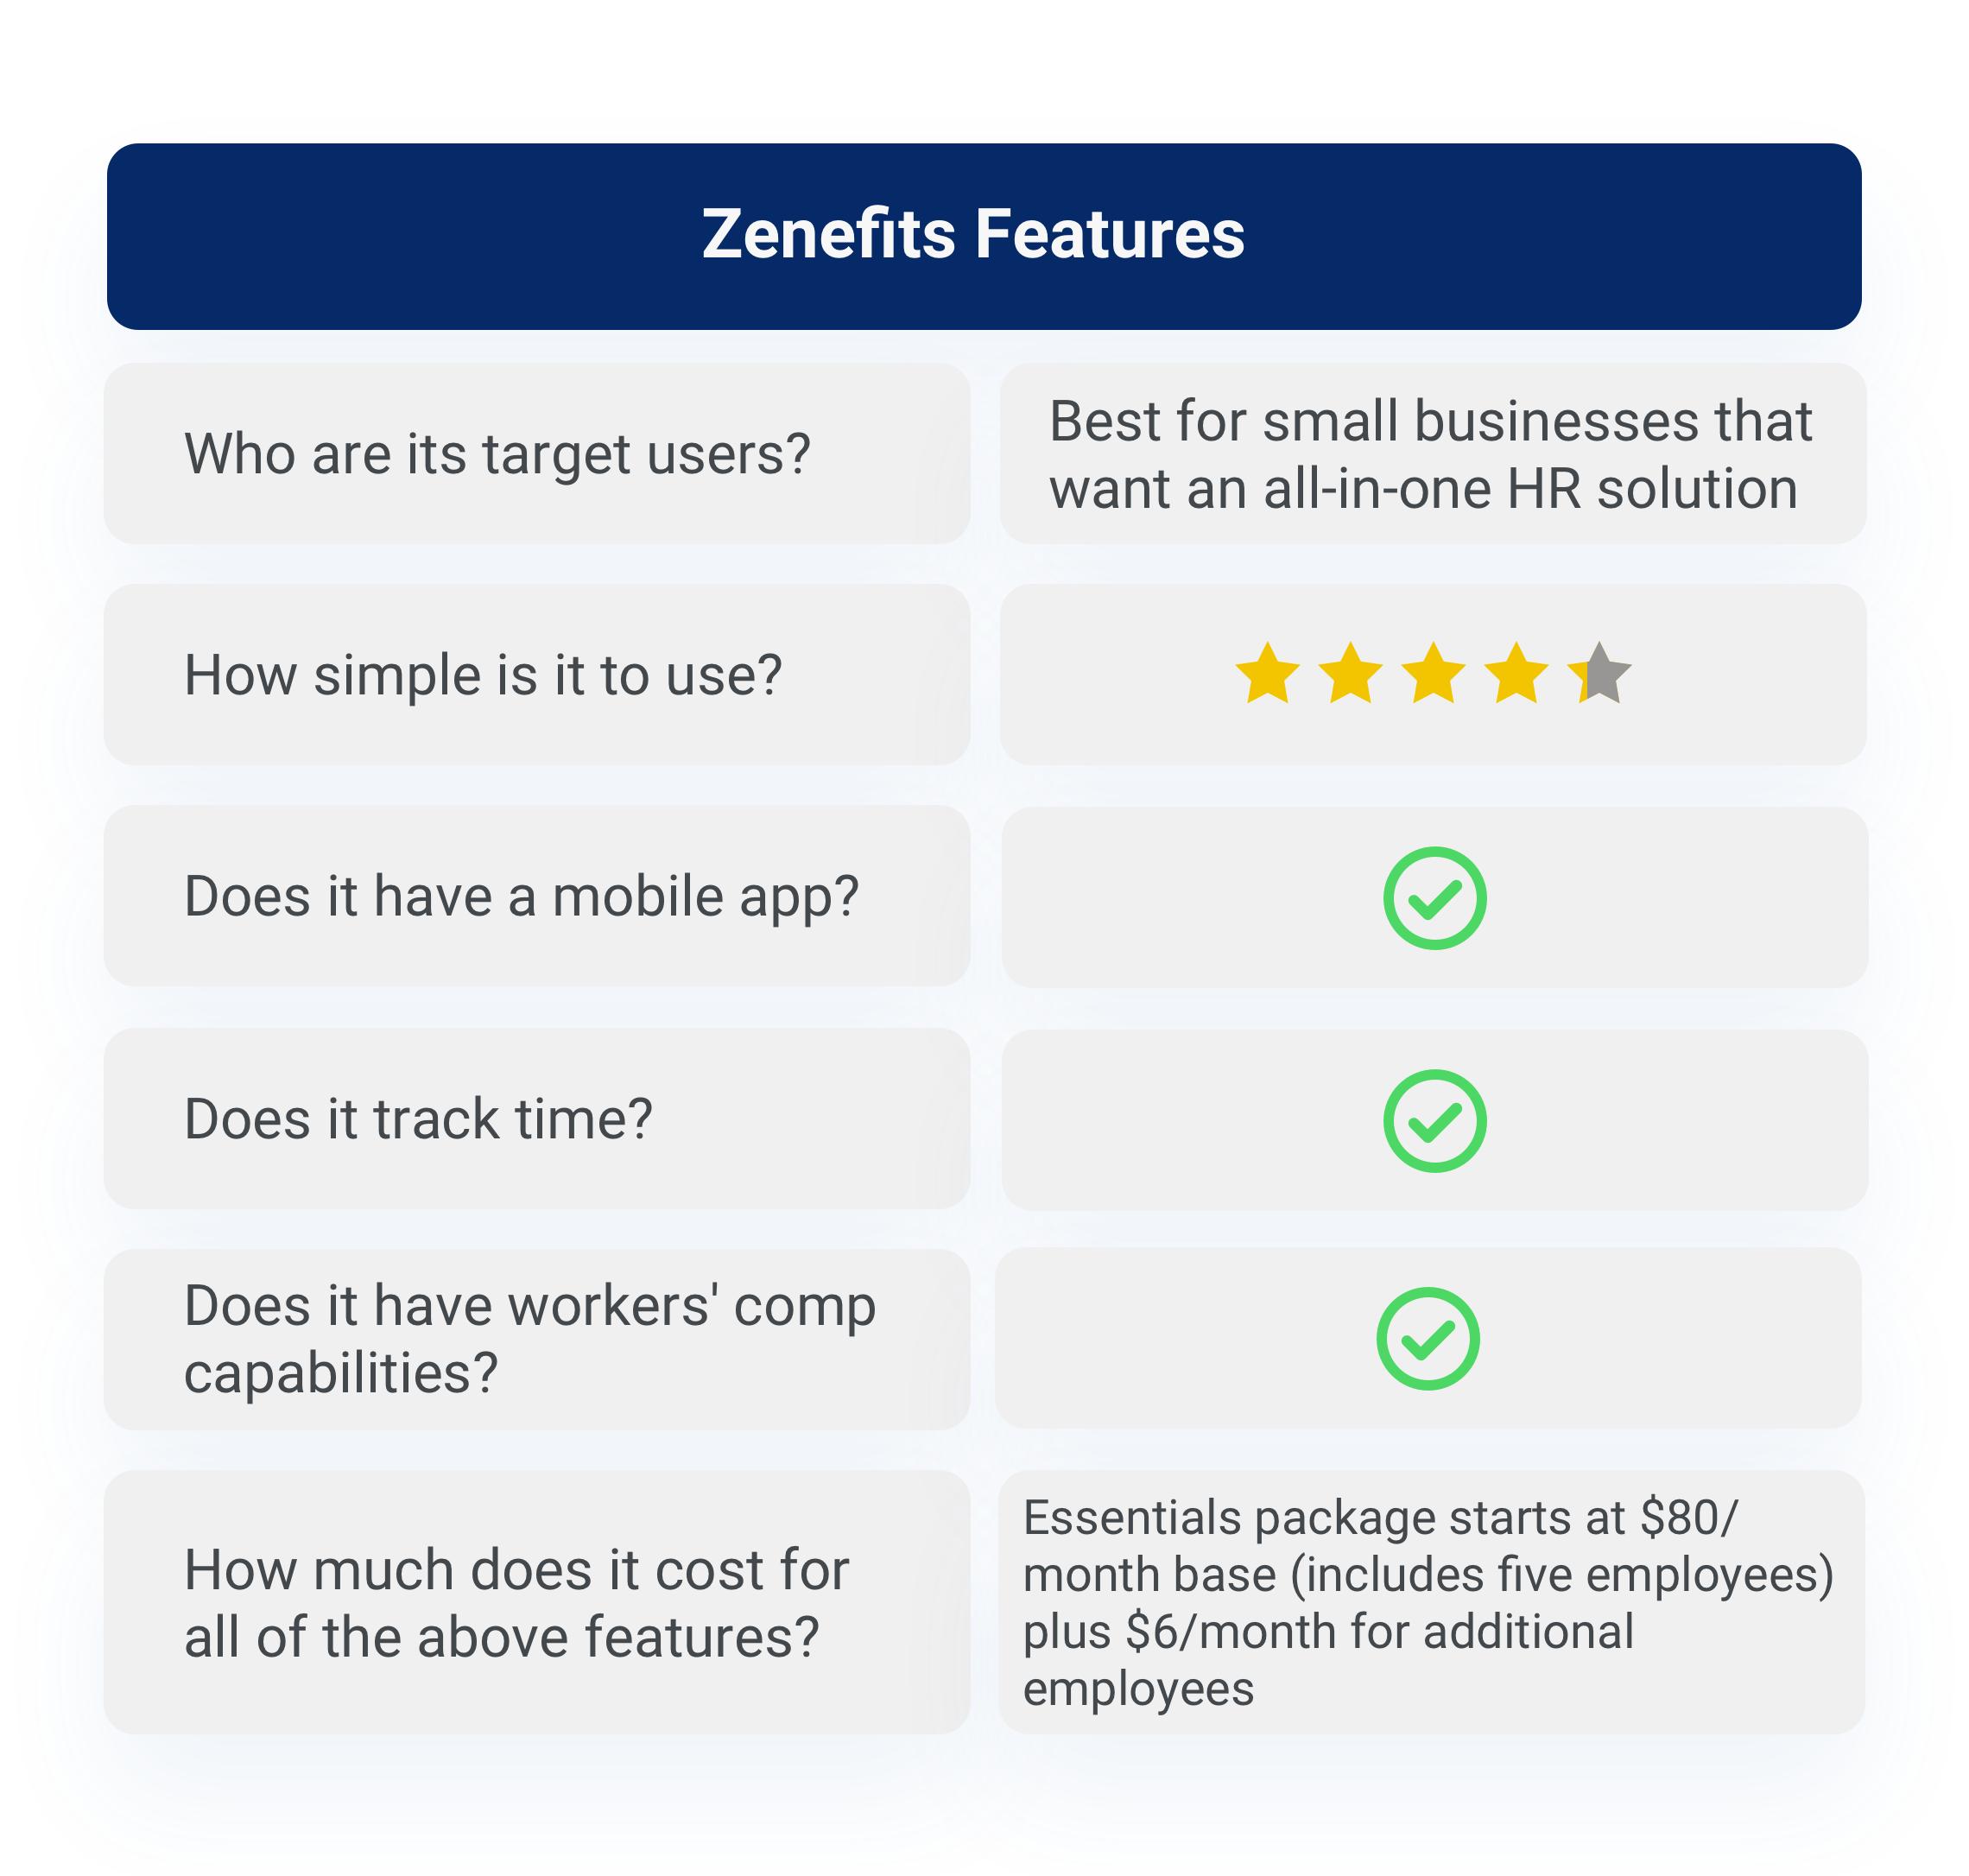 Zenefits features breakdown